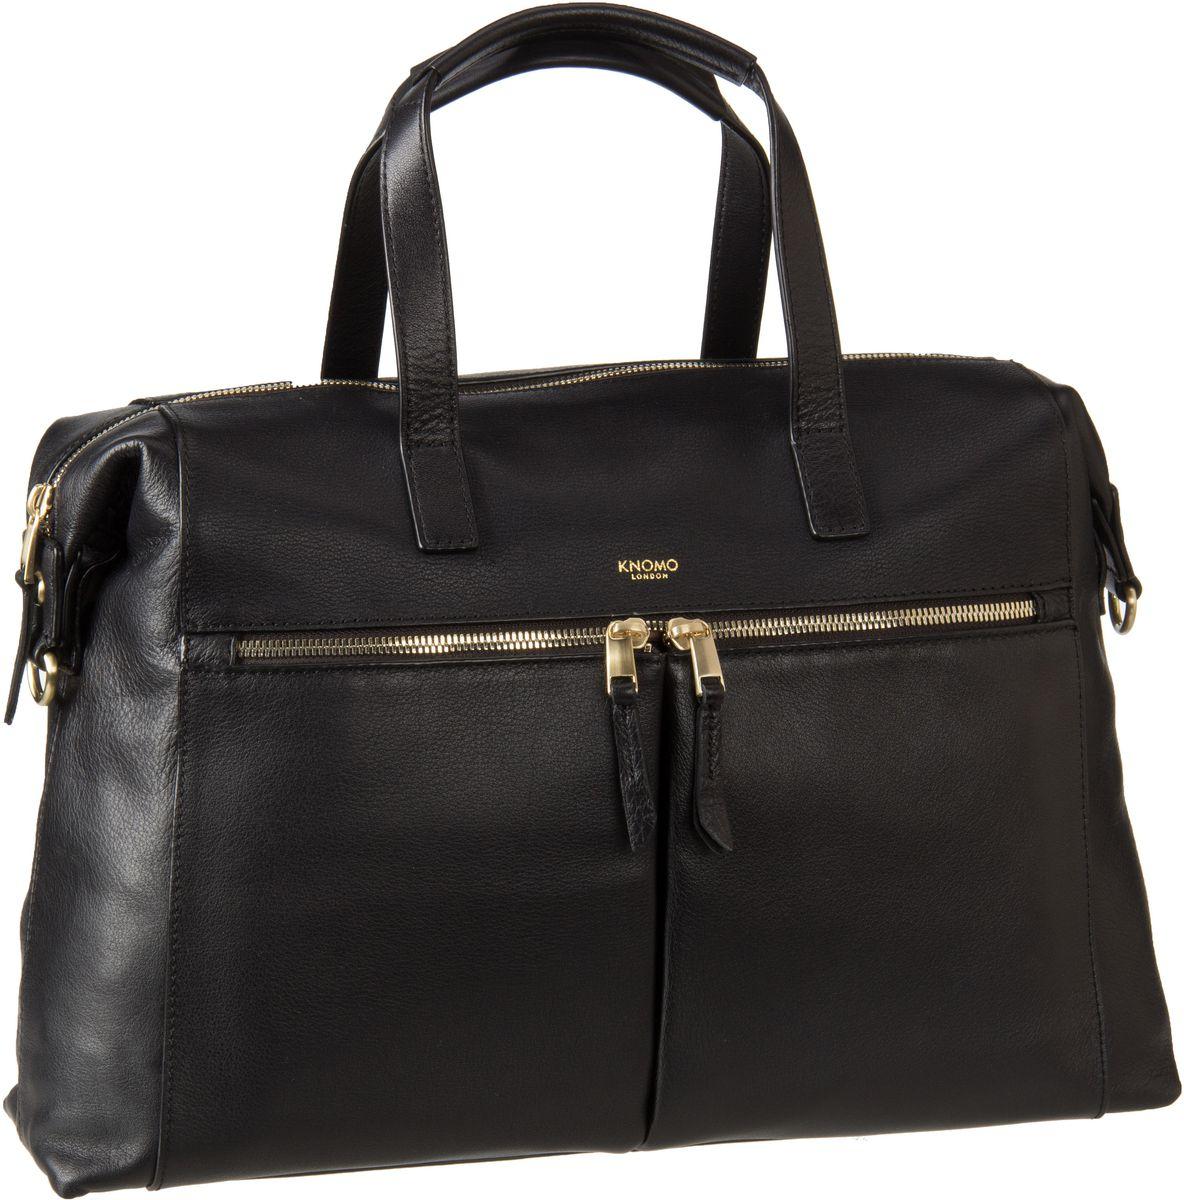 Businesstaschen für Frauen - Knomo Mayfair Luxe Audley 14'' RFID Black Aktentasche  - Onlineshop Taschenkaufhaus